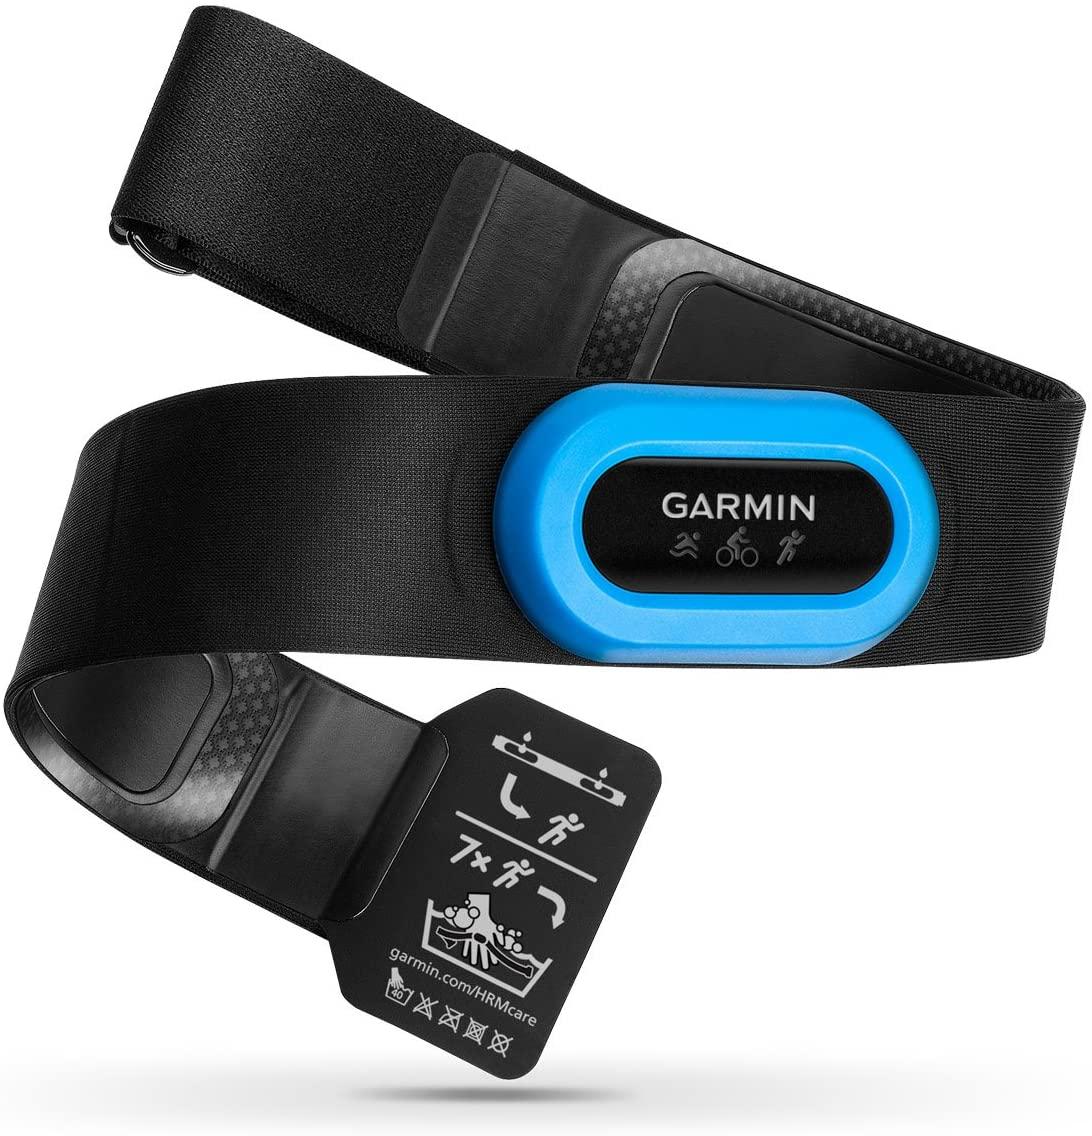 Monitor de frecuencia cardíaca – Garmin HRM-Tri